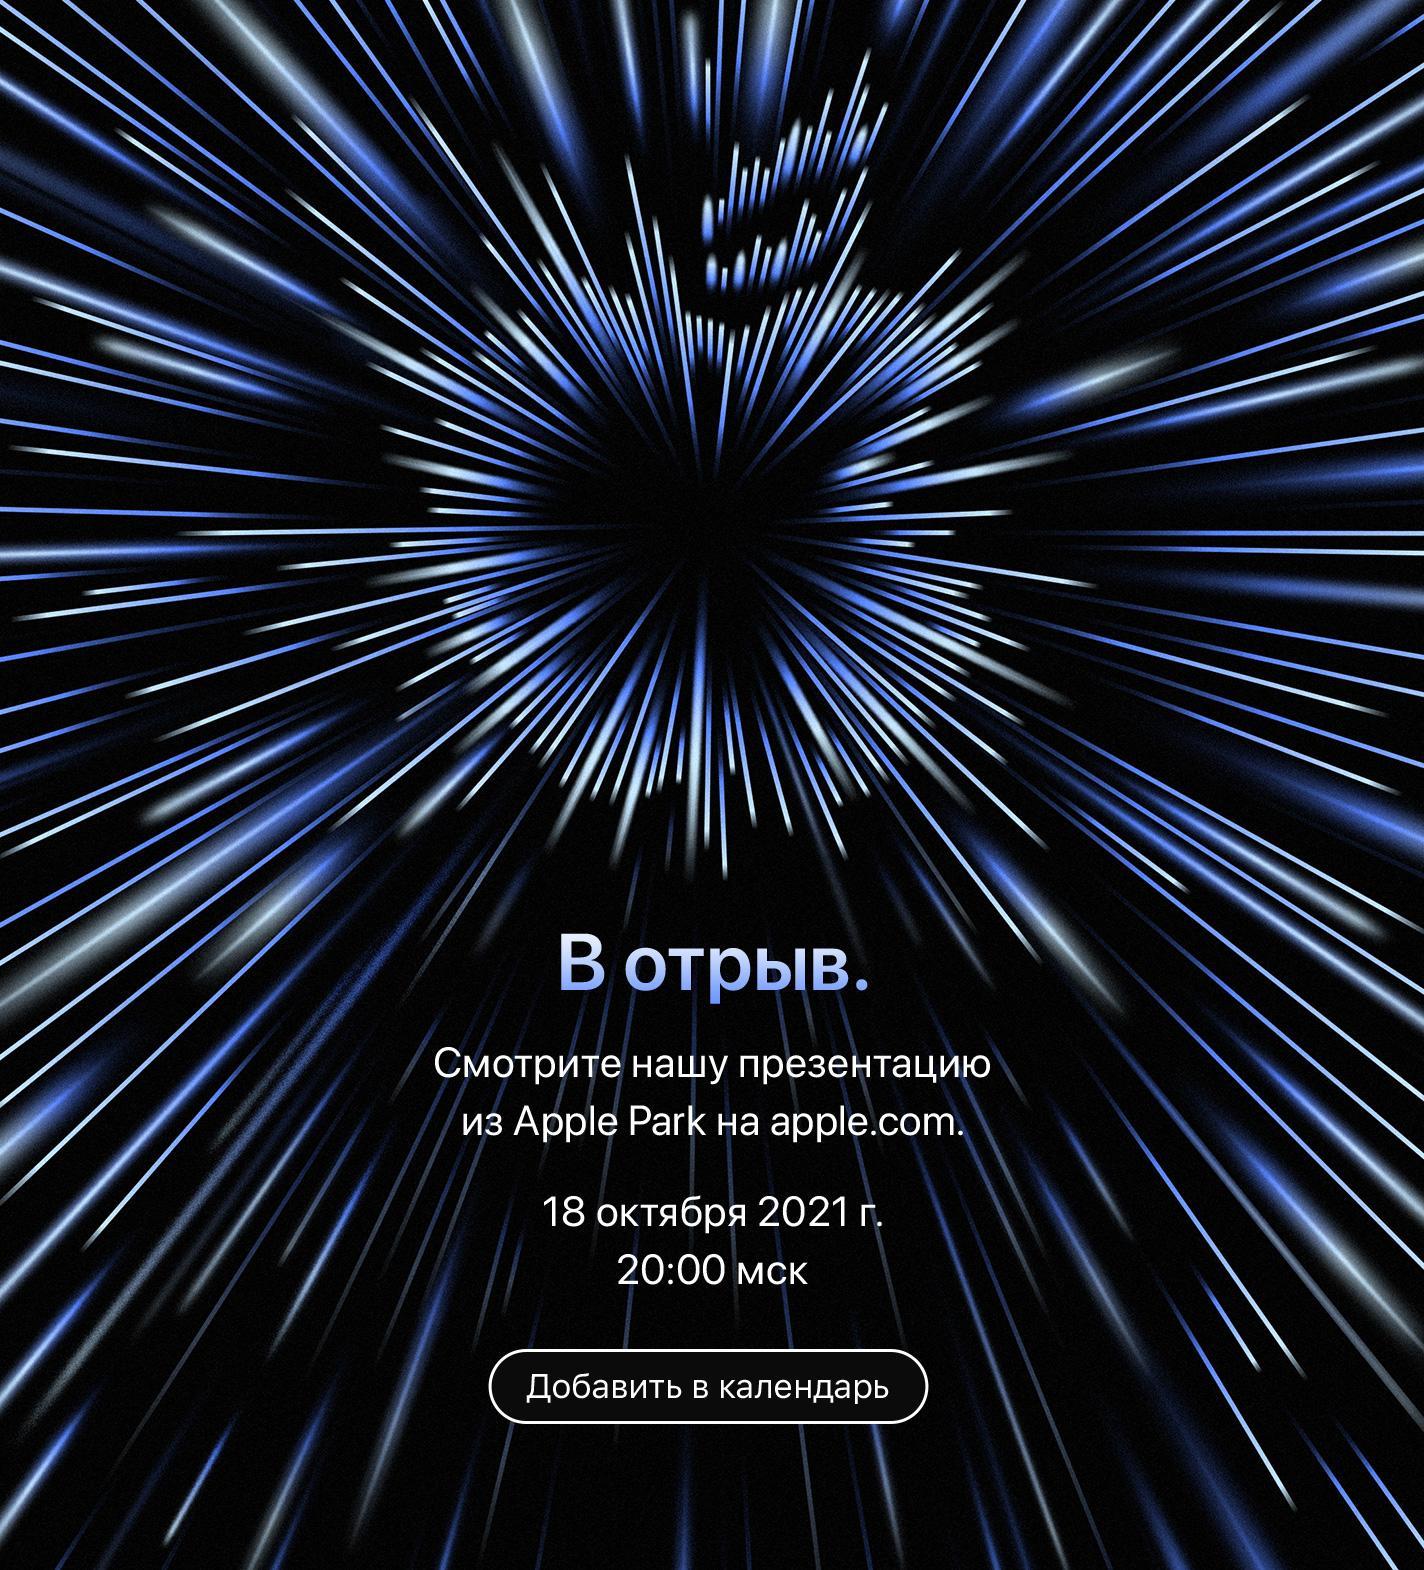 """Apple проведёт презентацию """"В отрыв"""" 18 октября (mailservice 2)"""